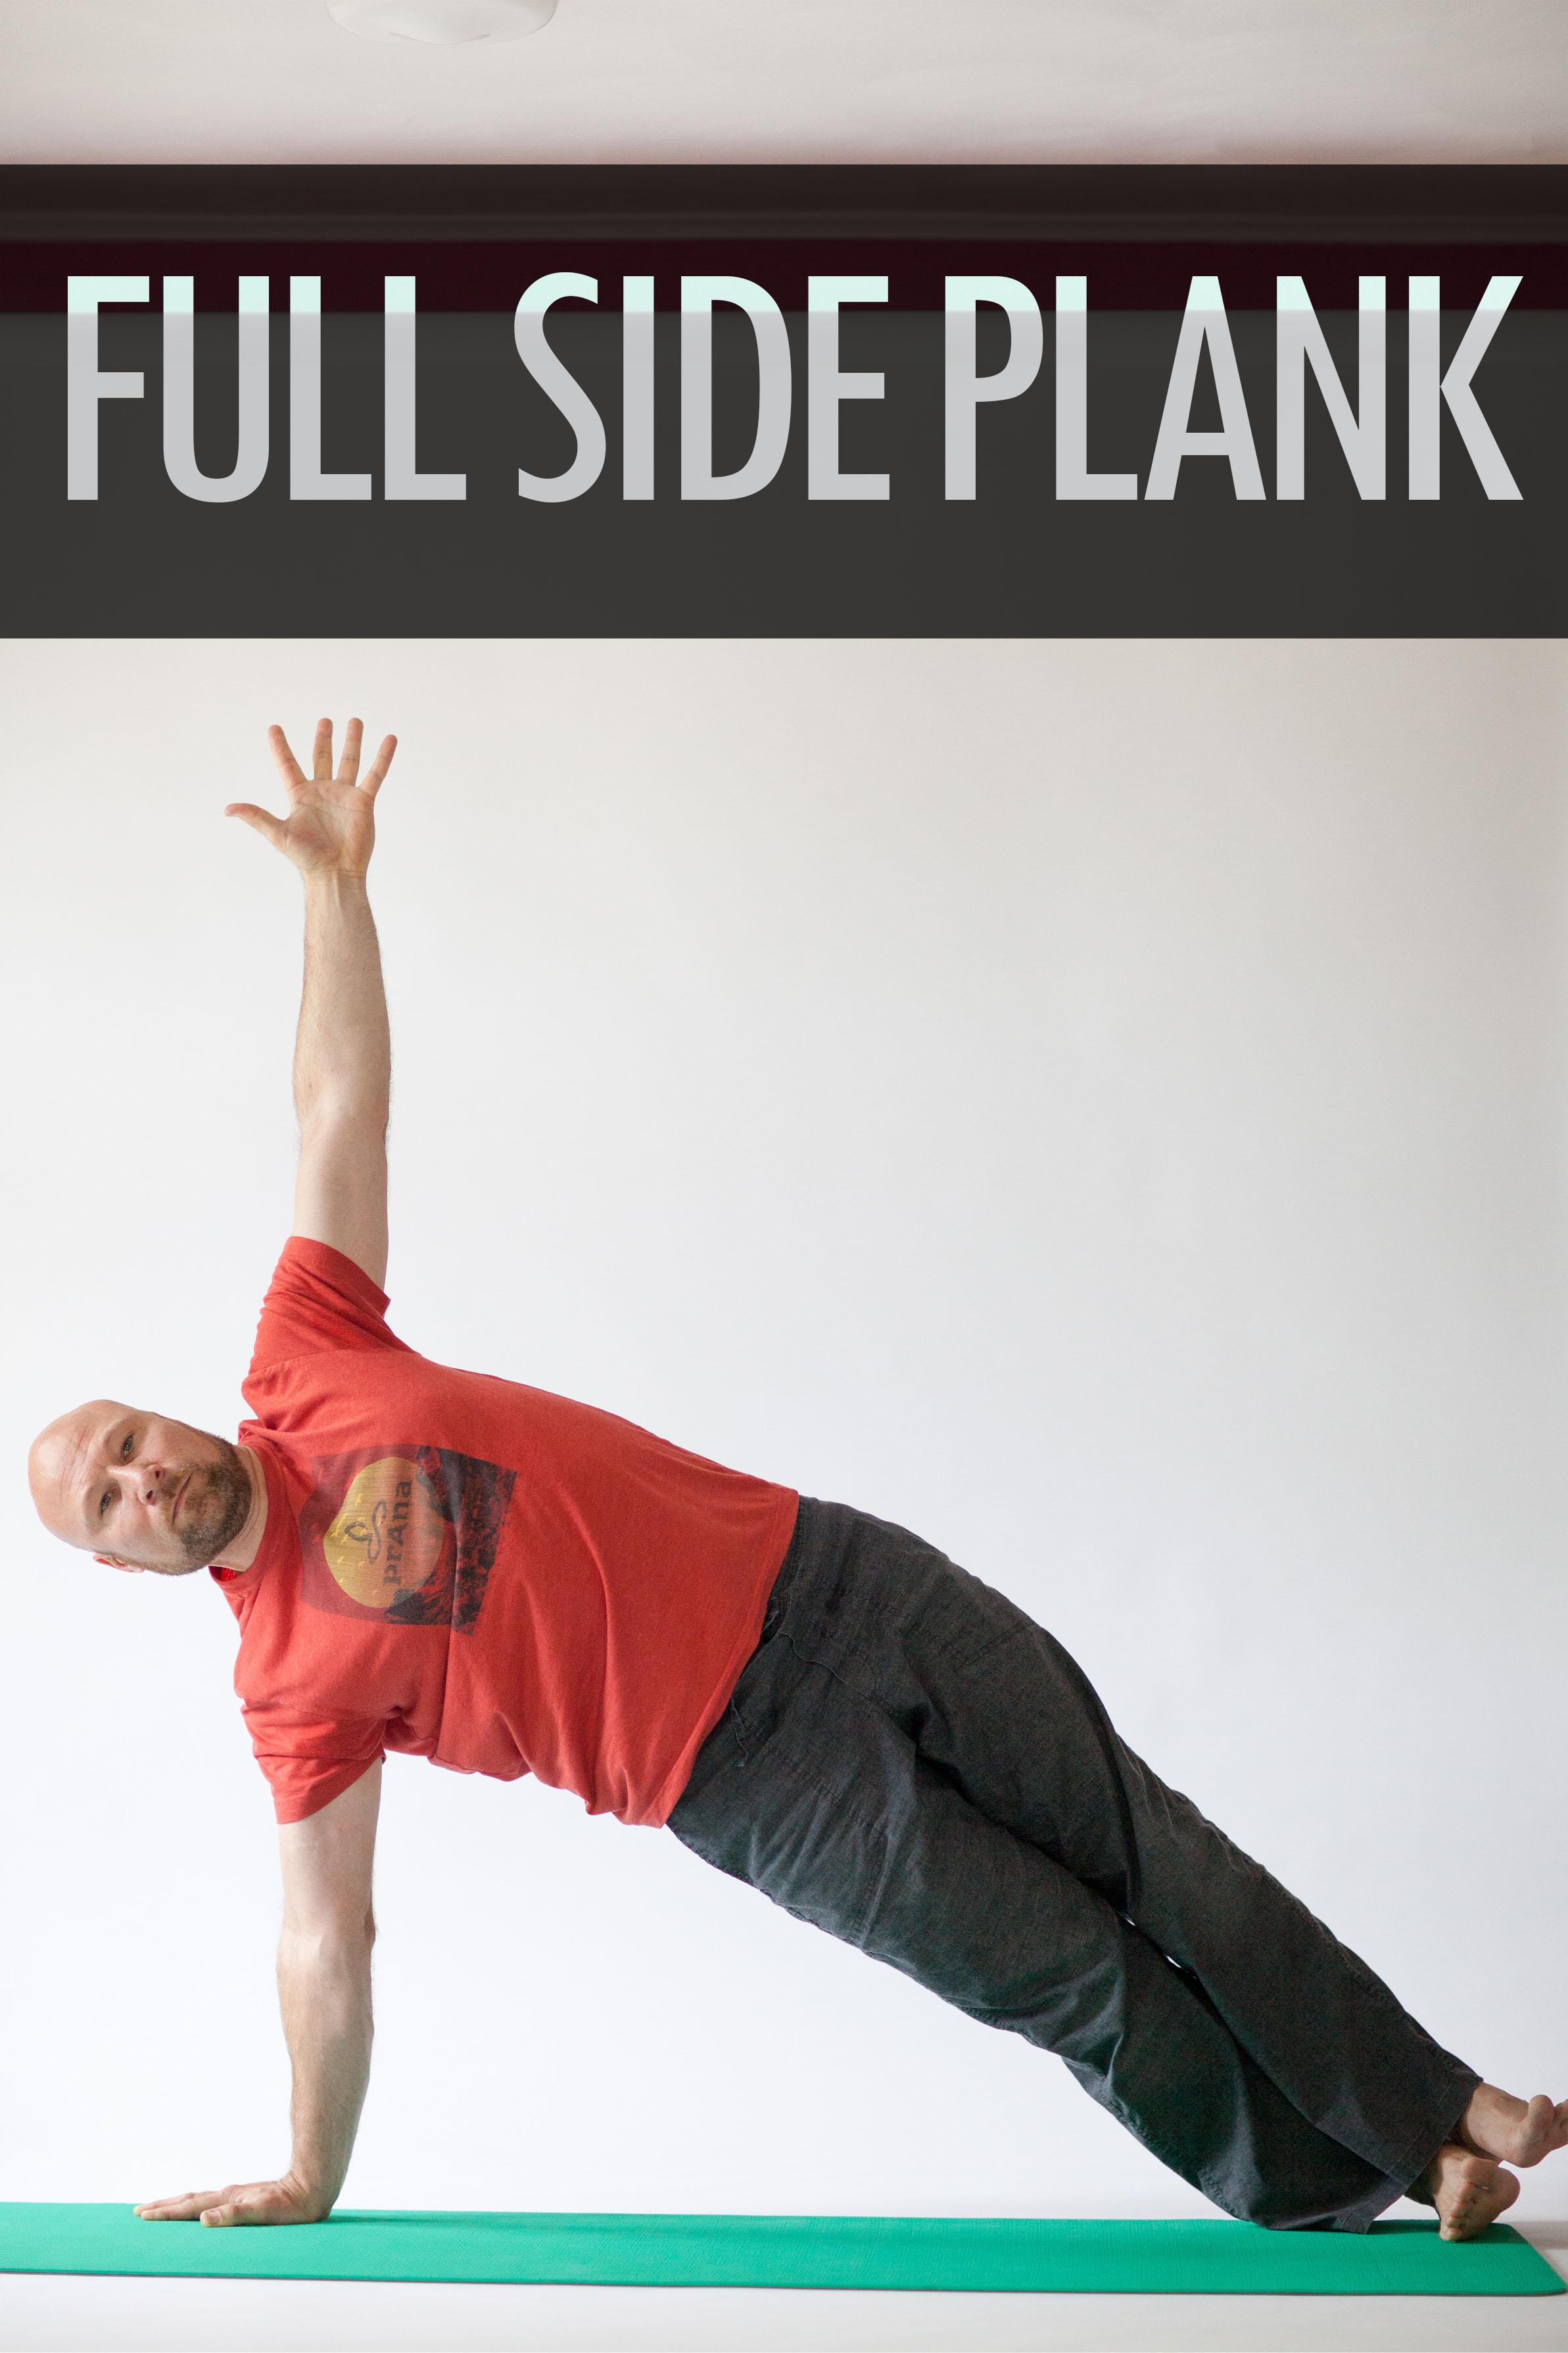 Full Side Plank.jpg